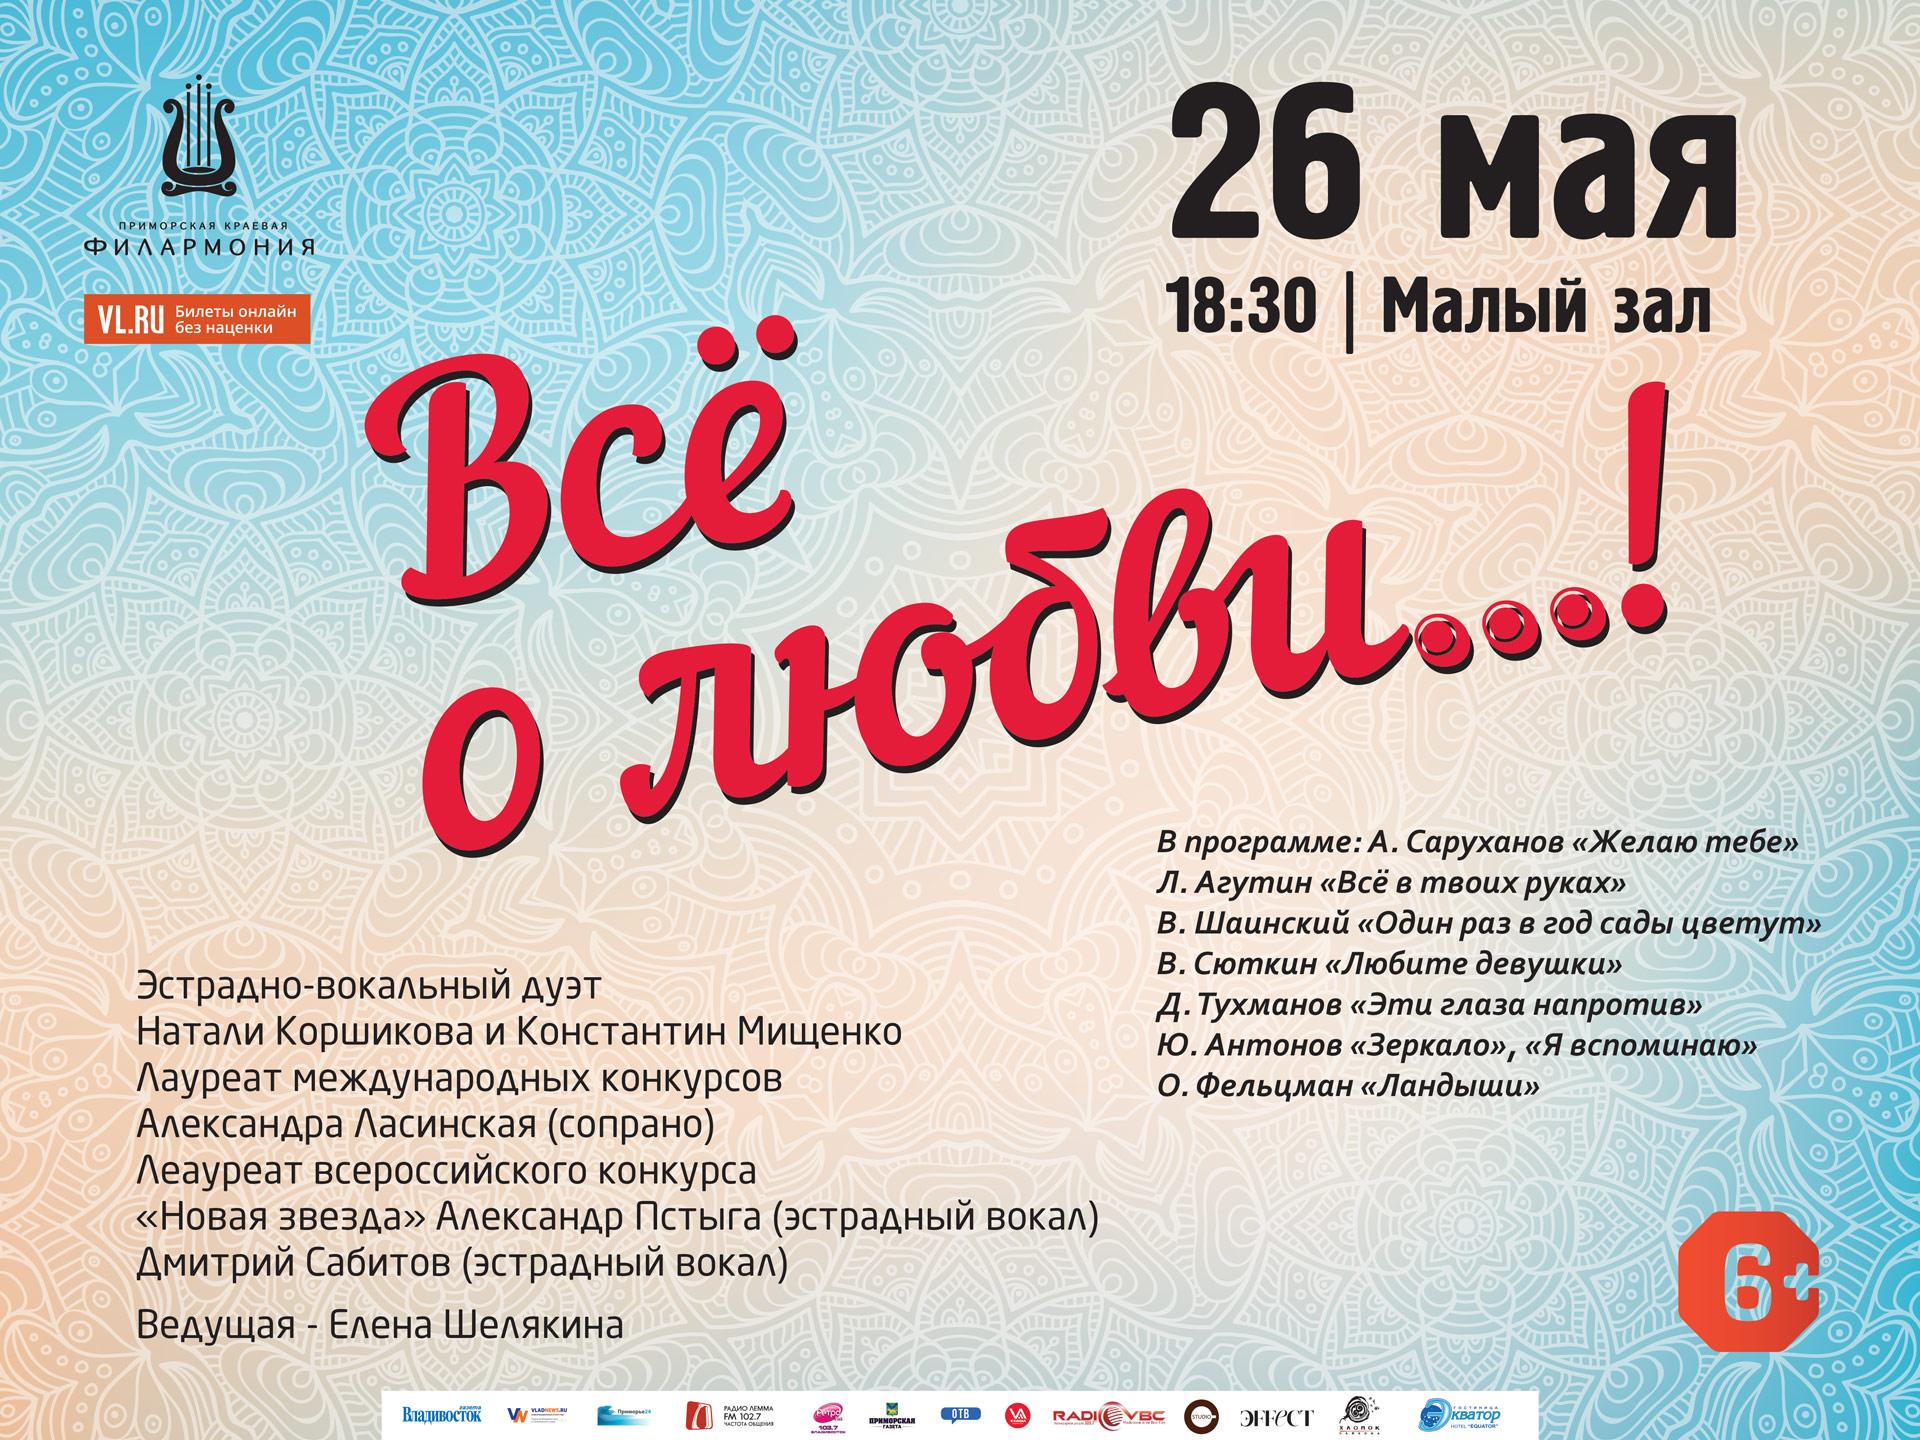 26 мая Малый зал Начало 18.30 Эстрадная концертная программа «Всё о любви…!»»